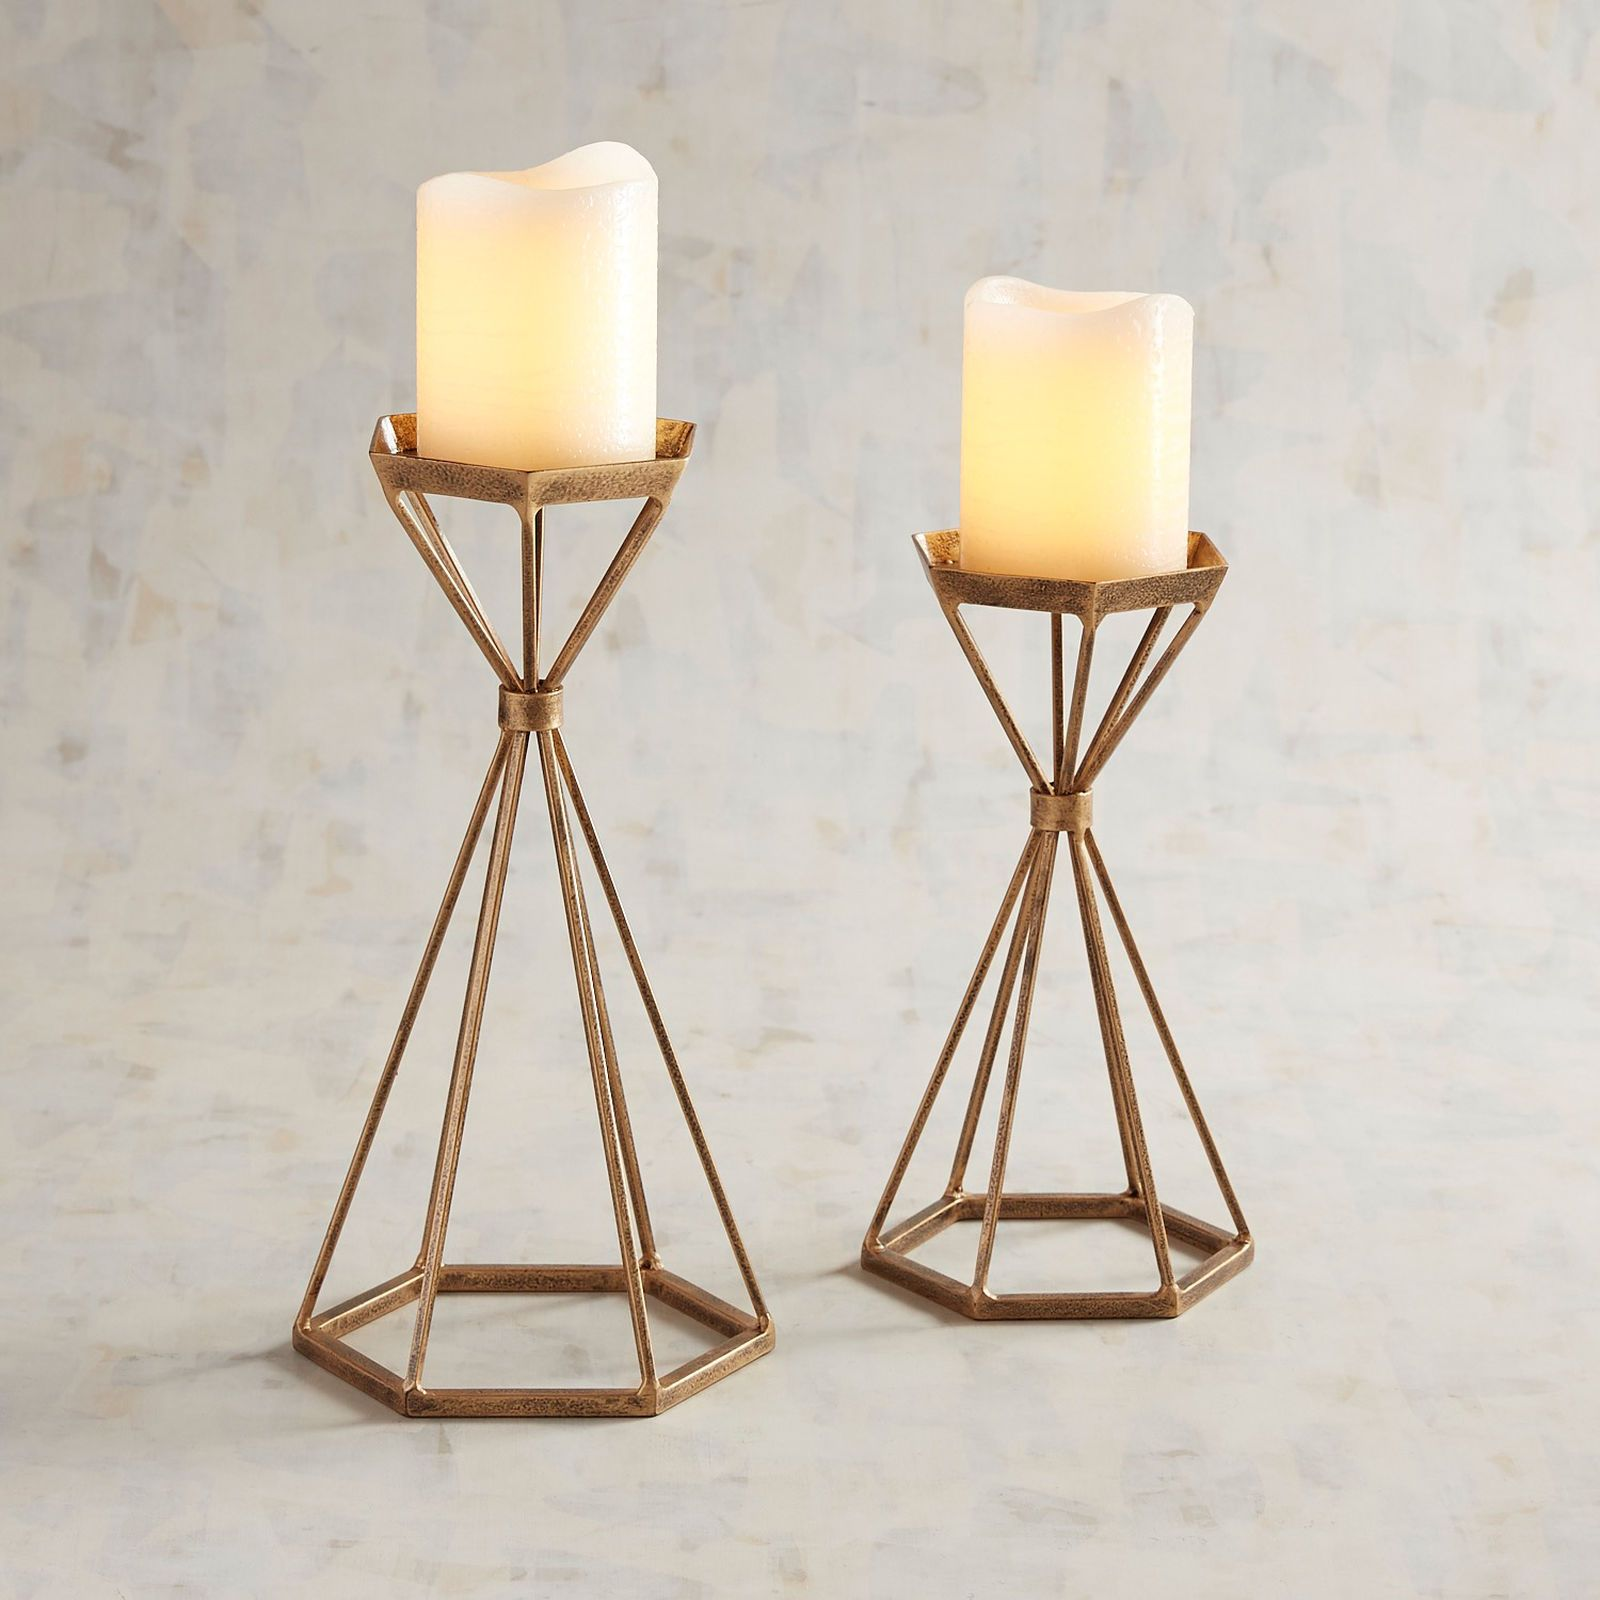 Modern Golden Metal Pillar Candle Holders Pillar Candle Holders Candle Stands Decor Candle Holders